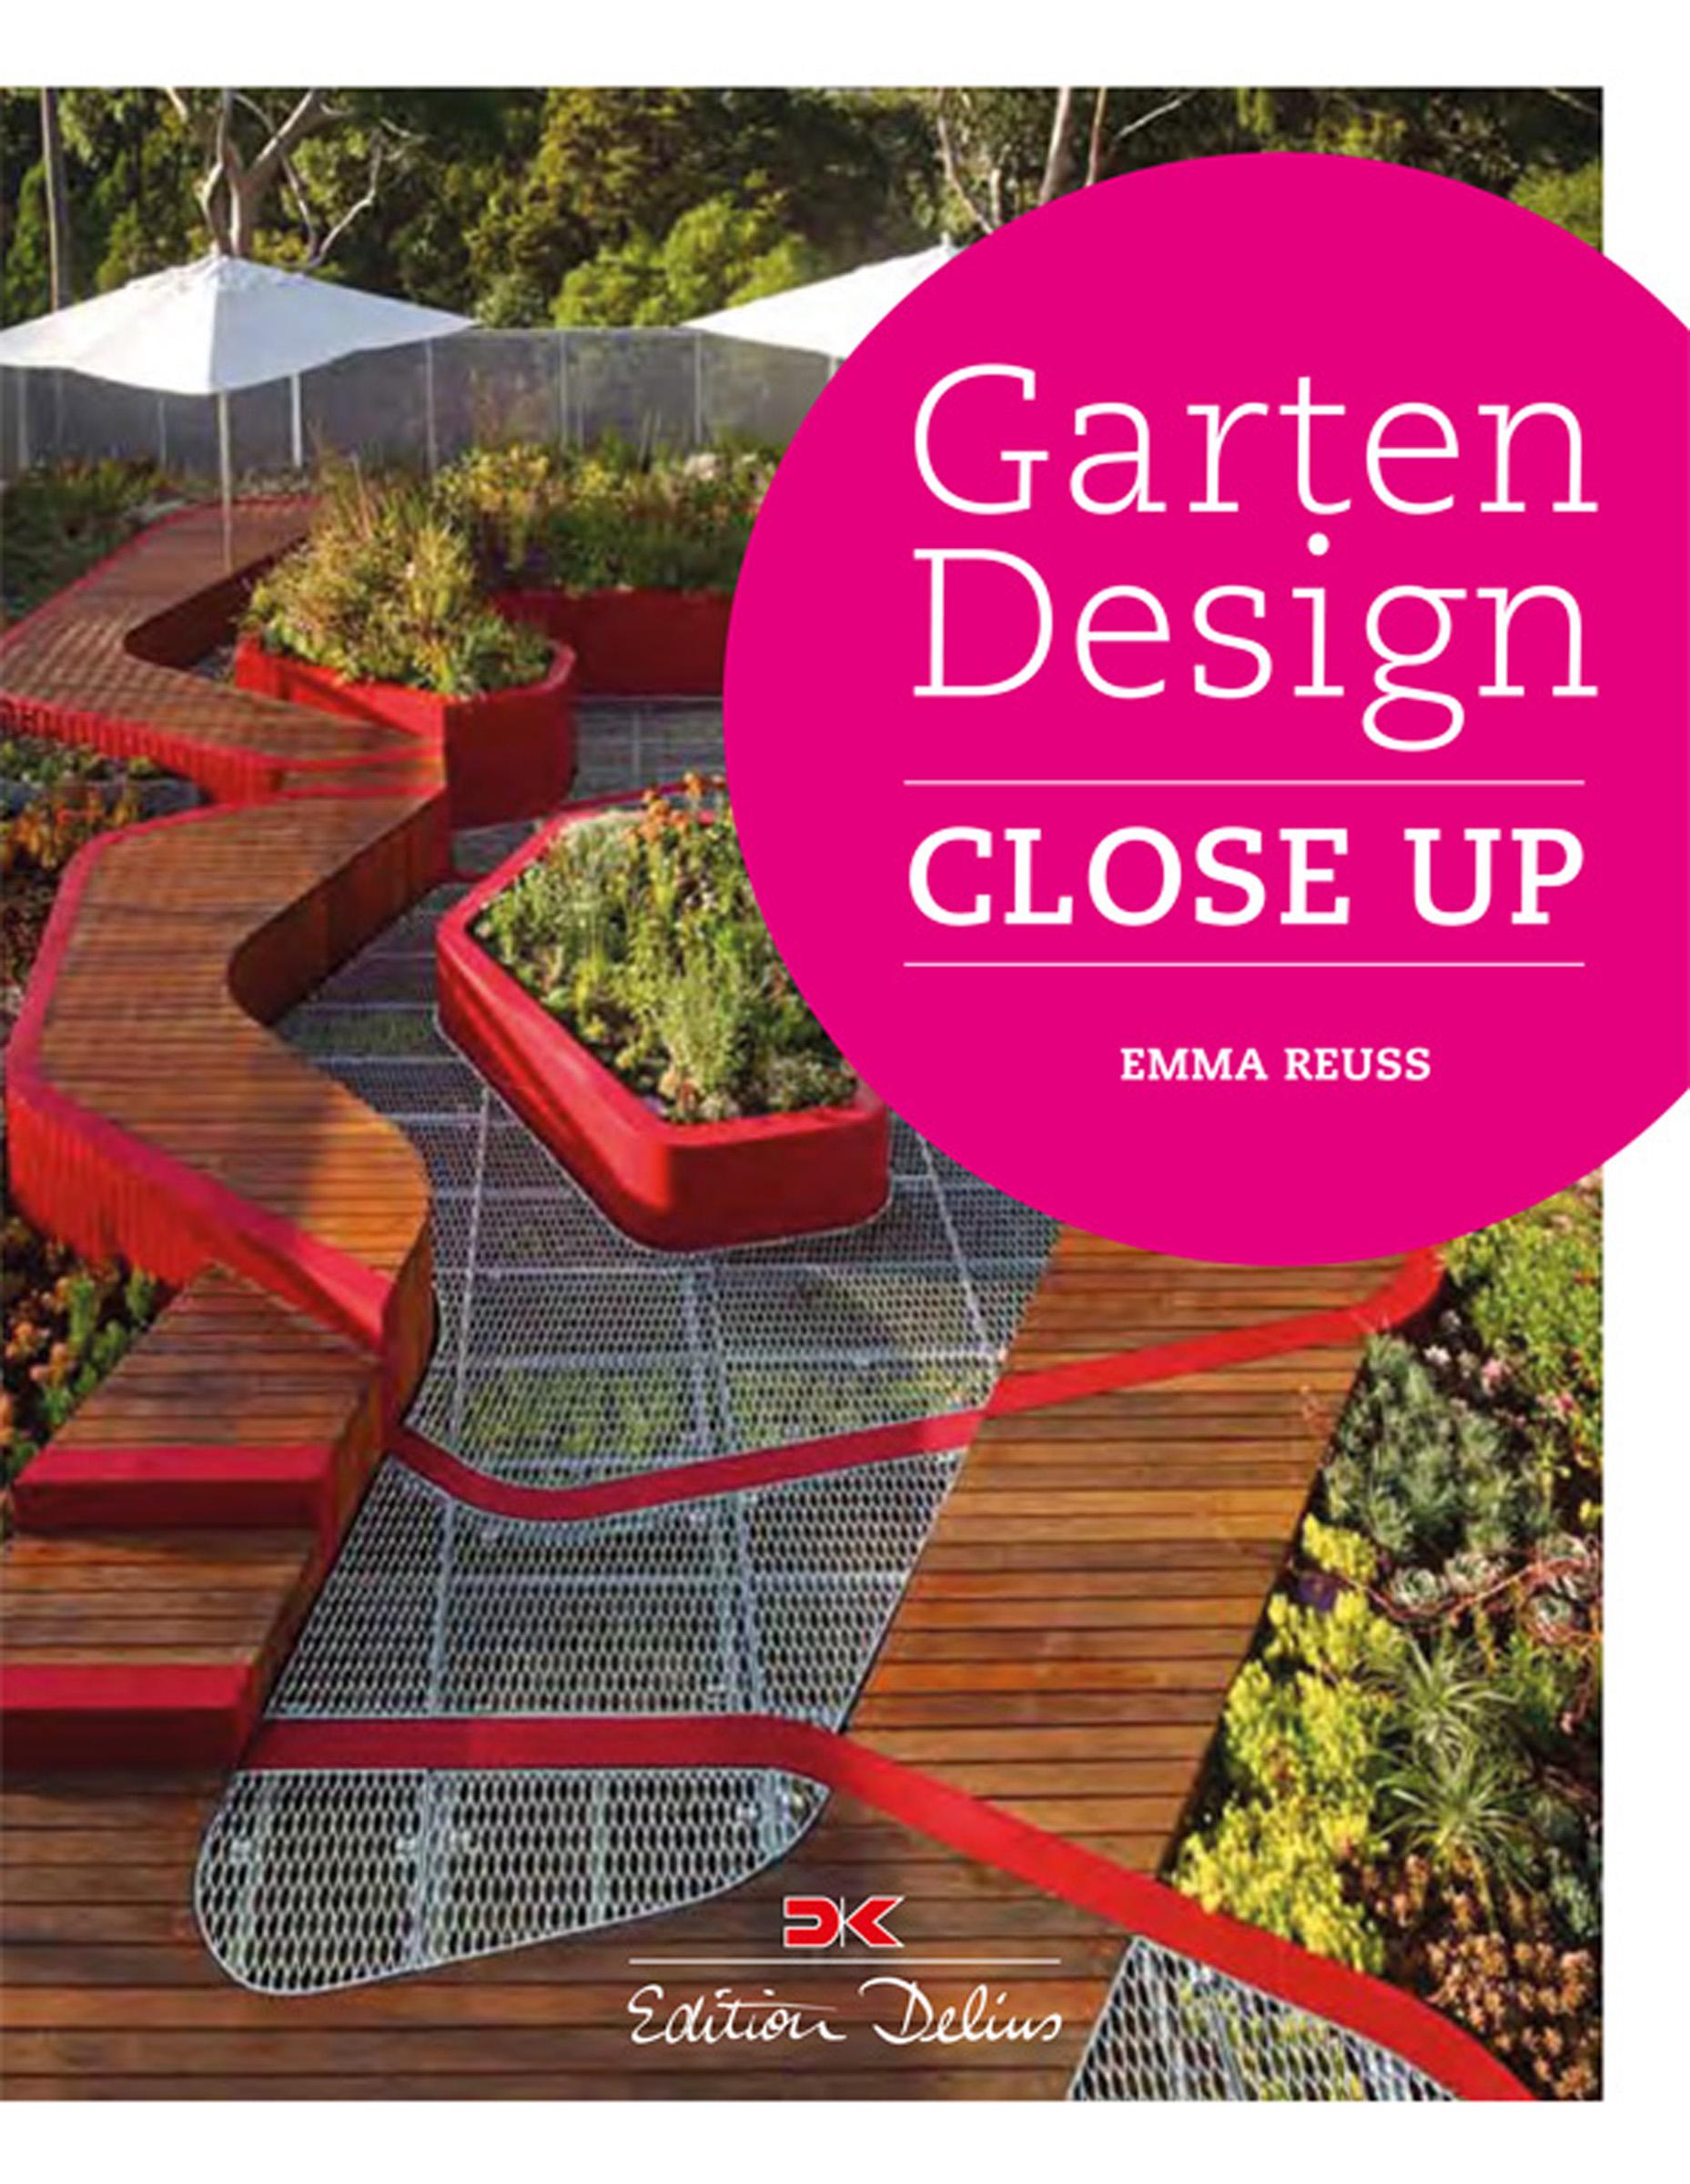 Gartendesign Emma Reuss